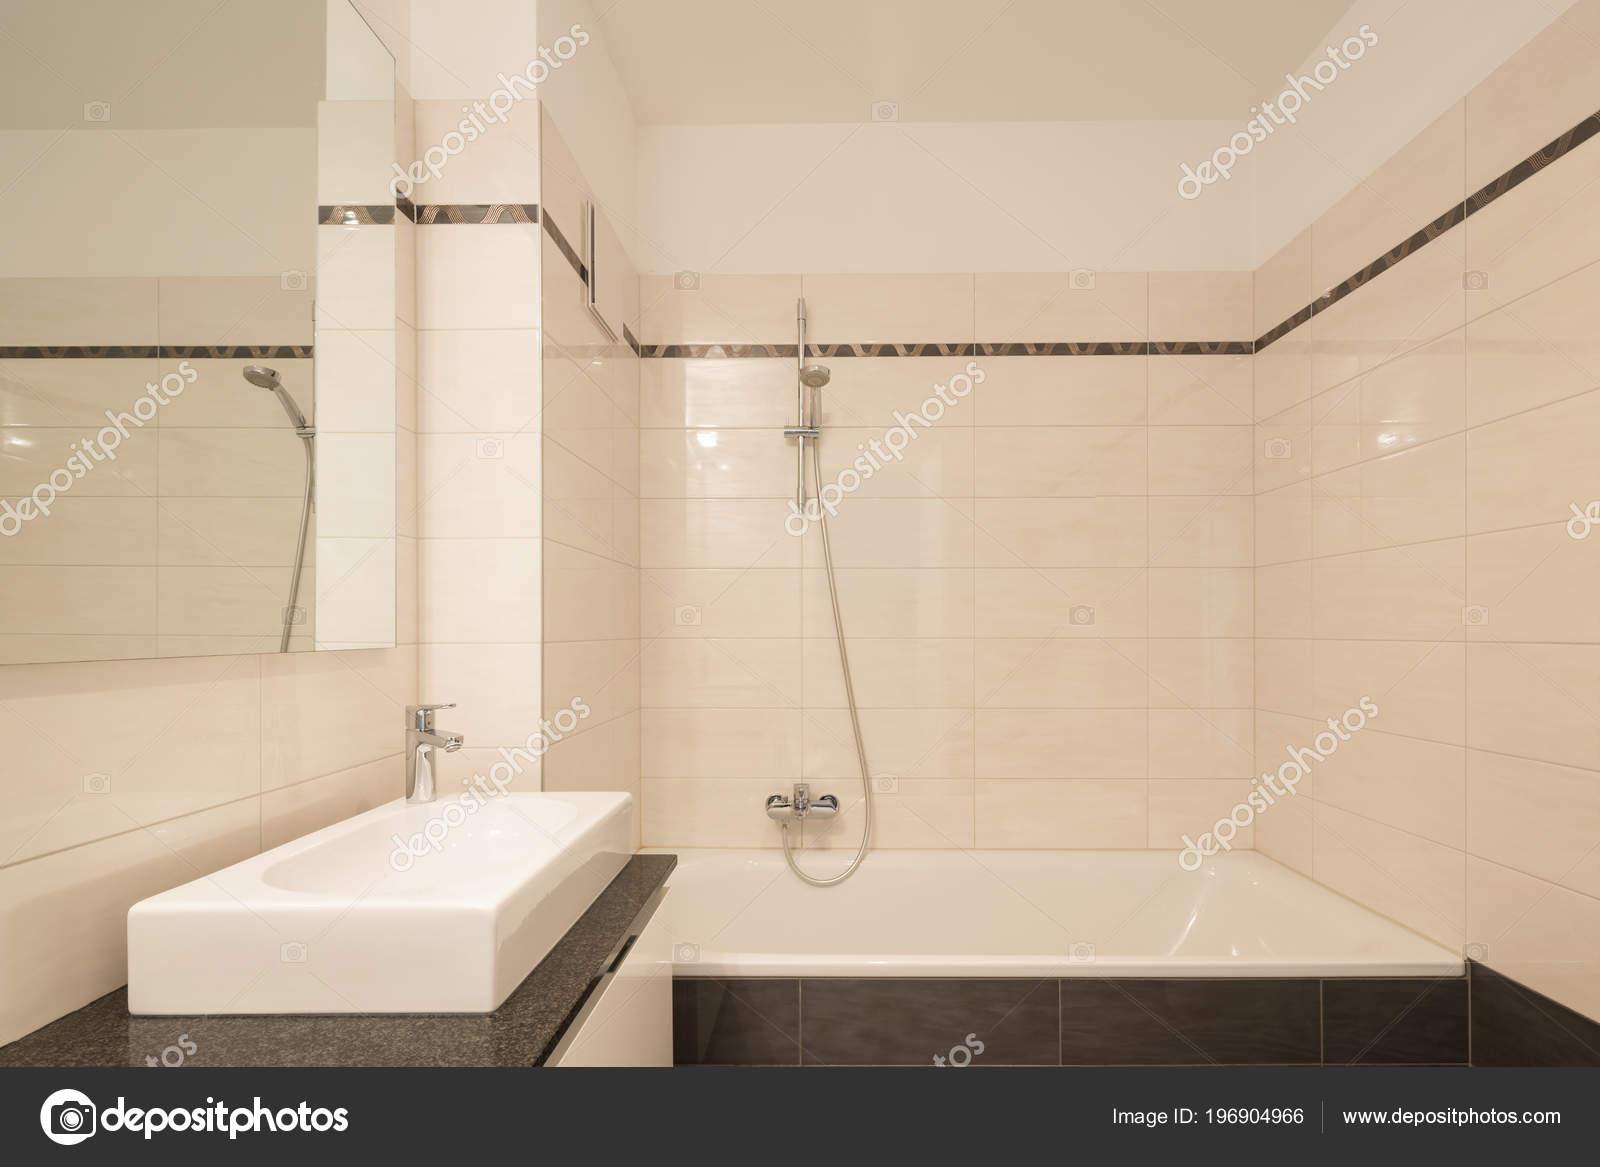 Minimalista Moderno Cuarto Baño Con Azulejos Grandes Nadie ...